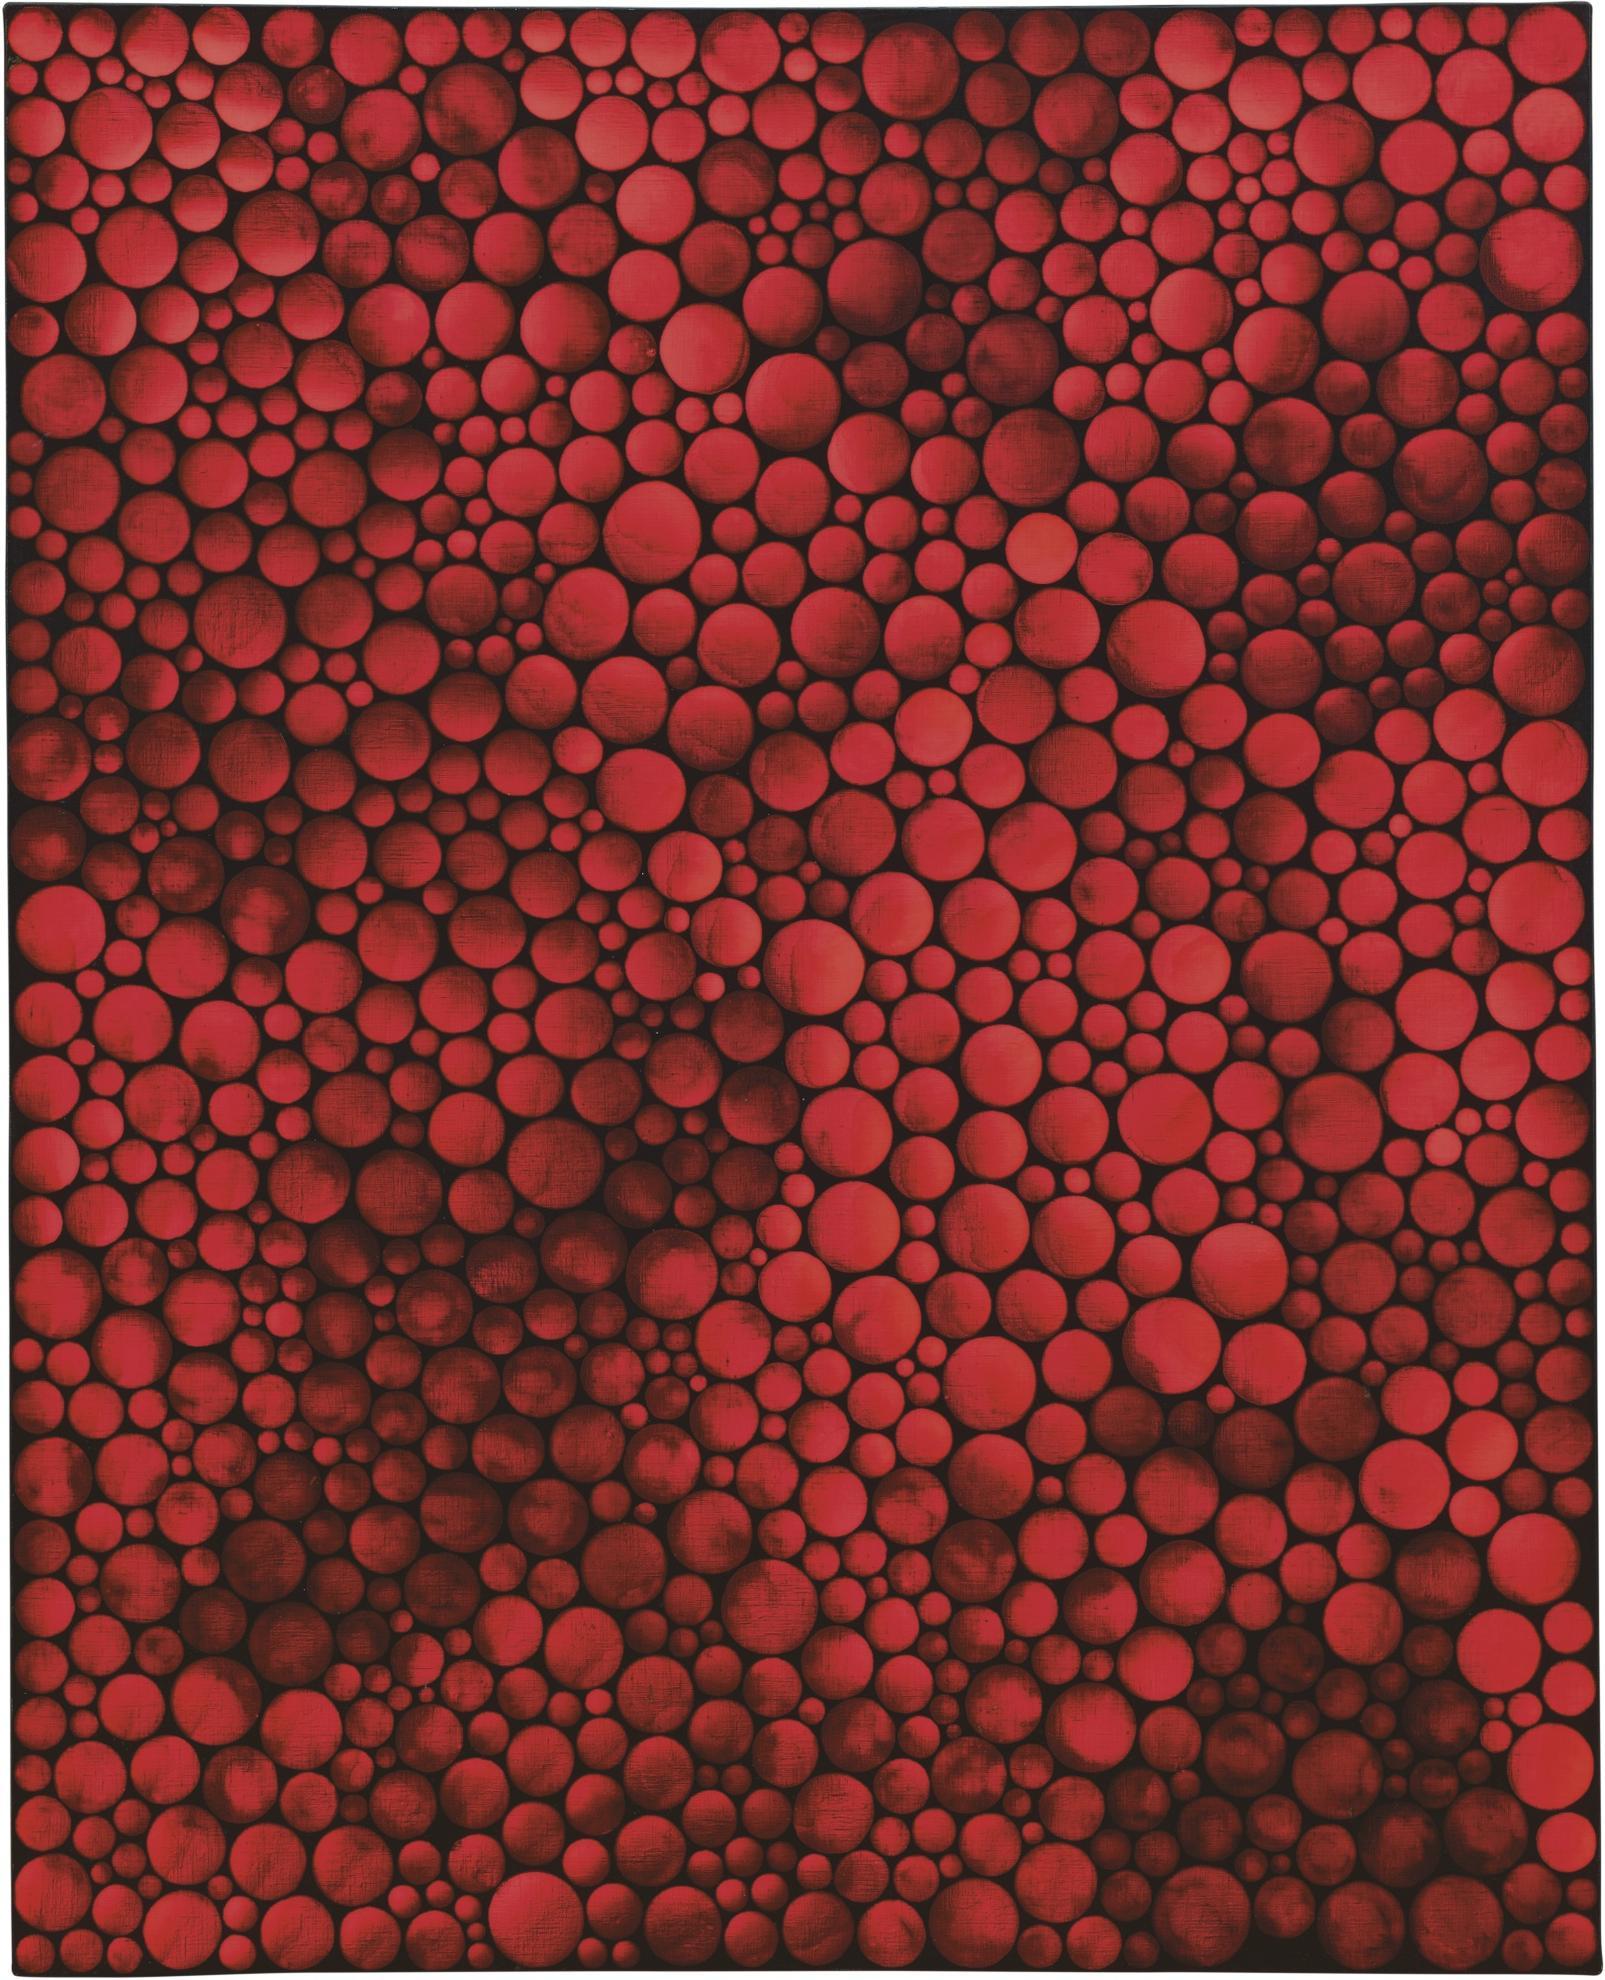 Yayoi Kusama-Infinity-Dots Qhyo-2005